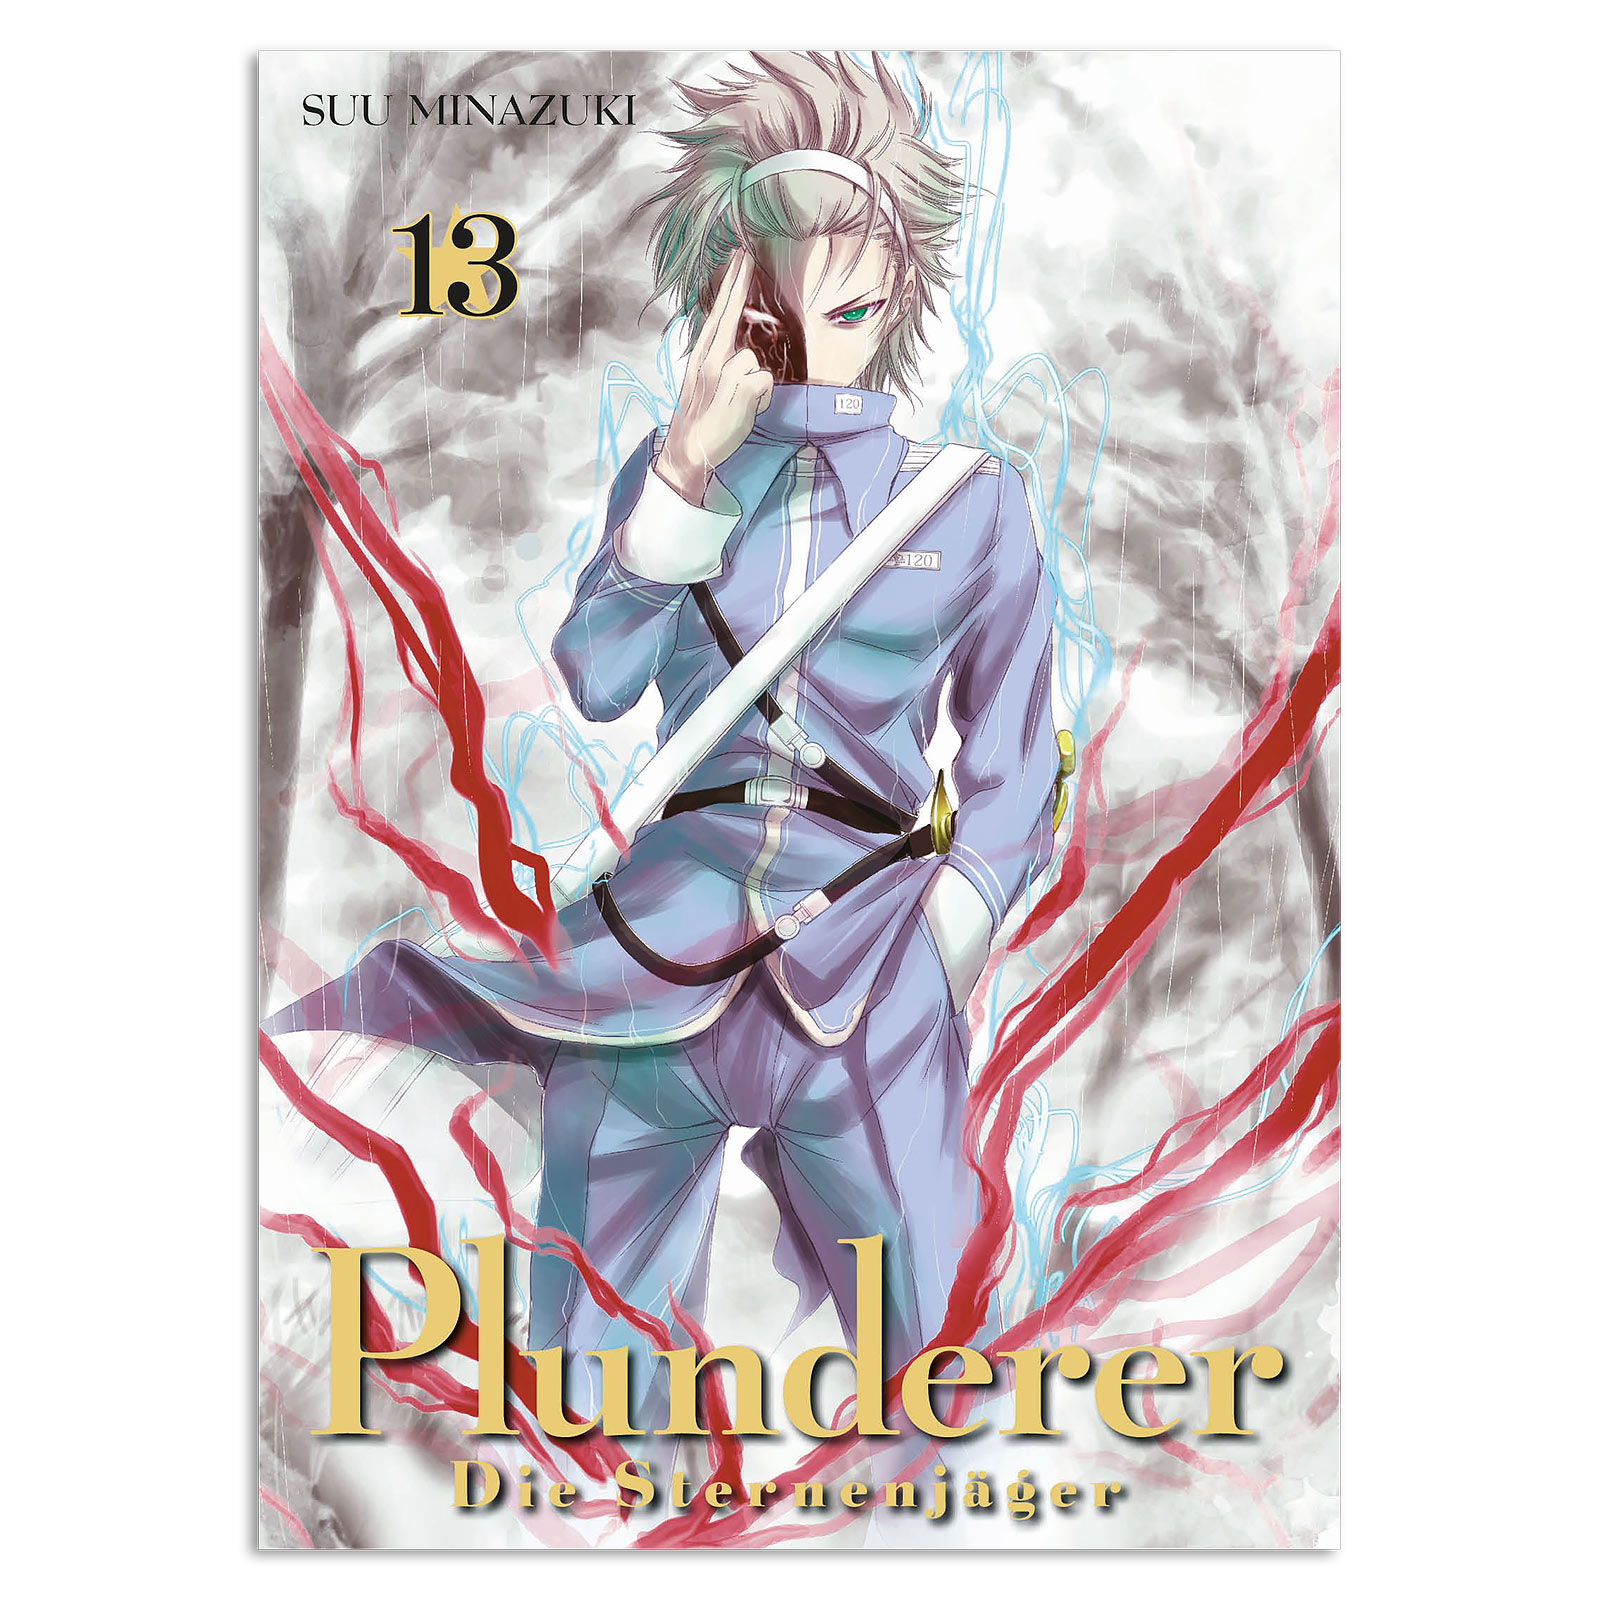 Plunderer - Die Sternenjäger Band 13 Taschenbuch